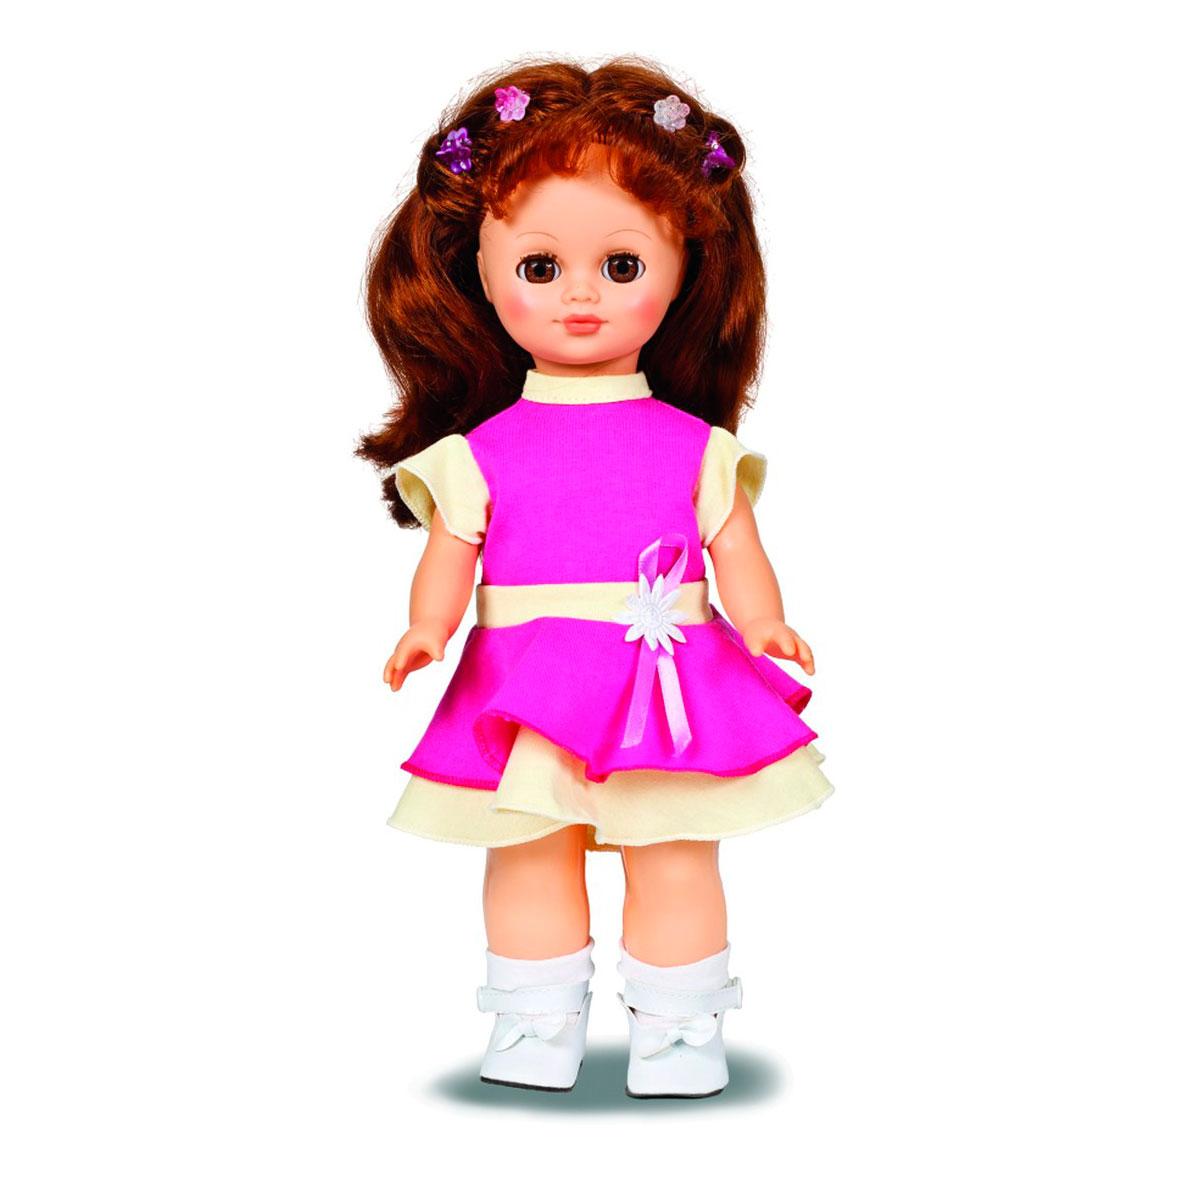 Кукла Весна Олеся 5 со звуковым устройством (35,5 см)<br>